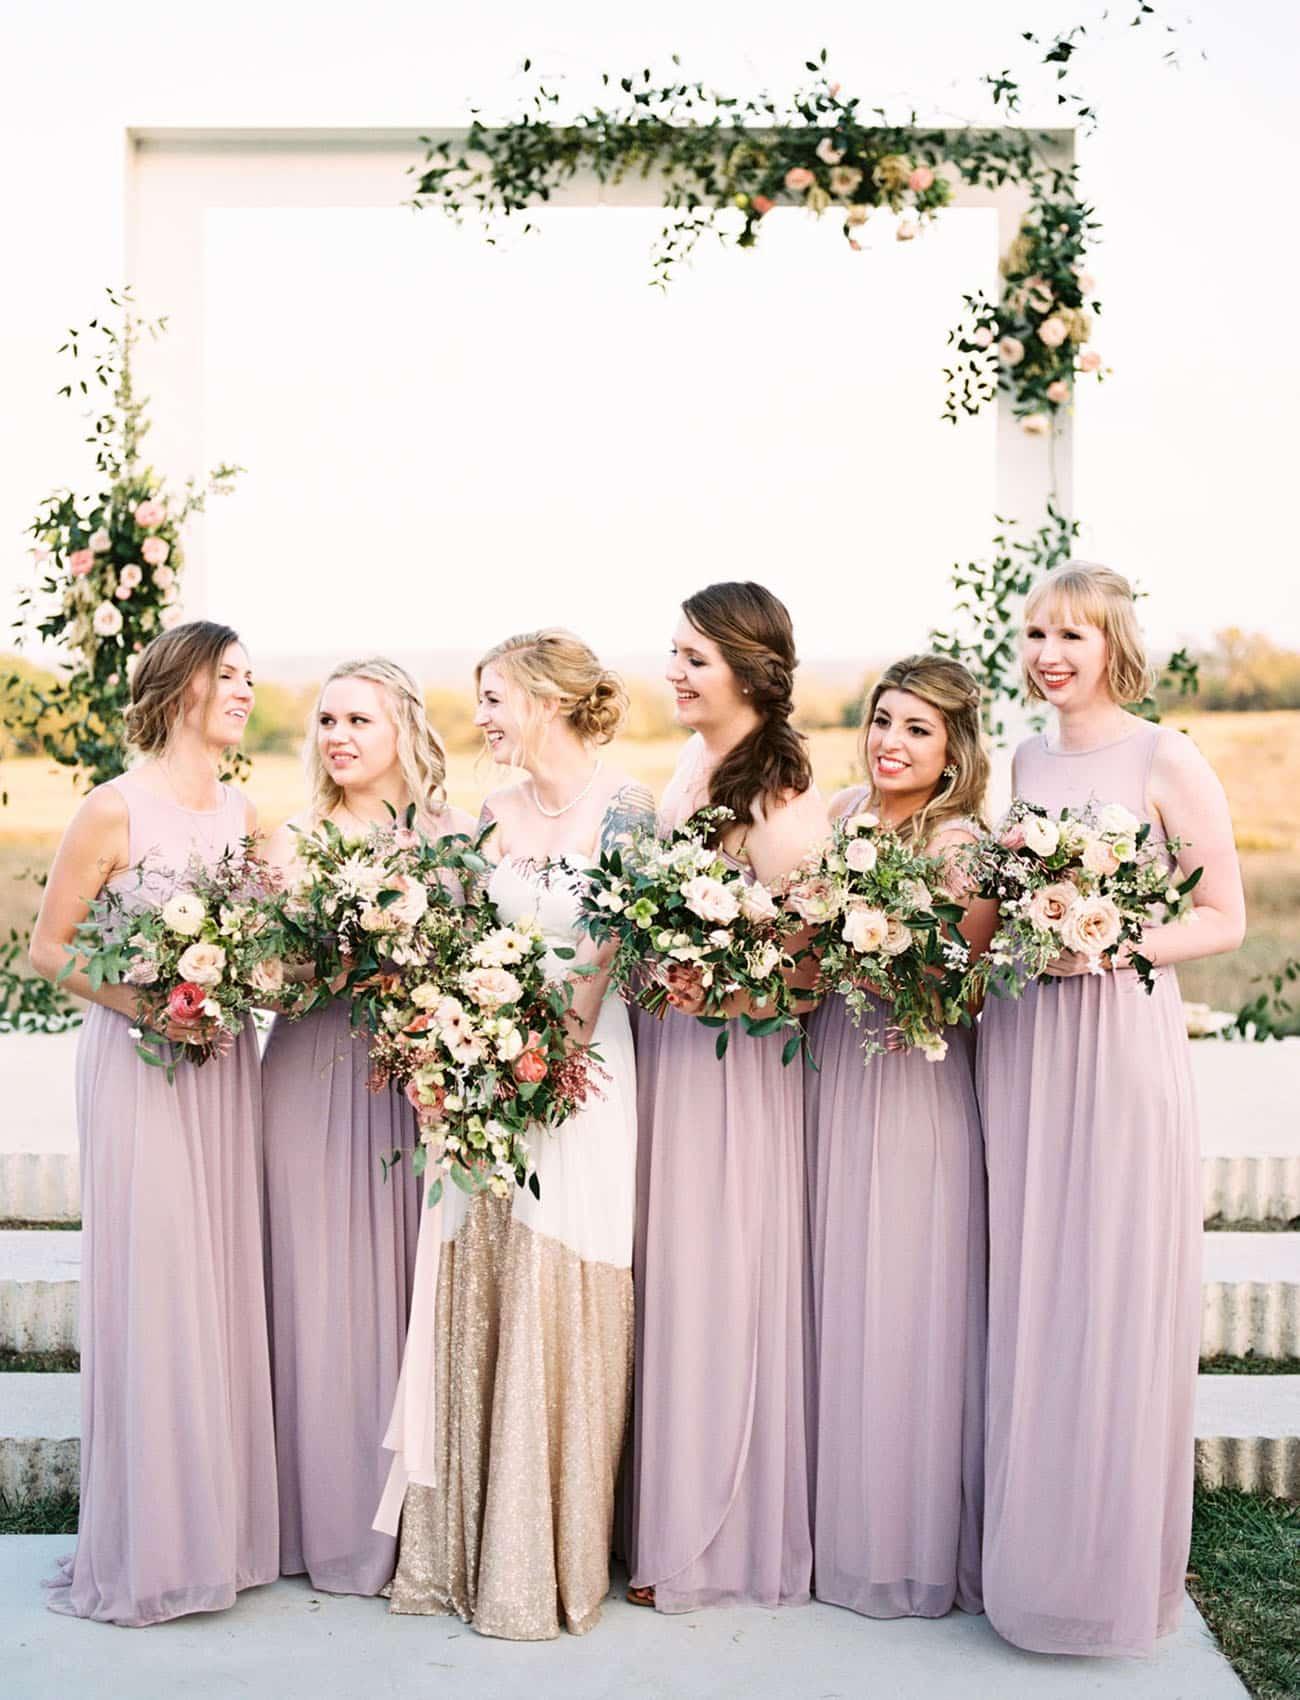 صور فساتين صديقات( أصحاب) العروسة منوعة